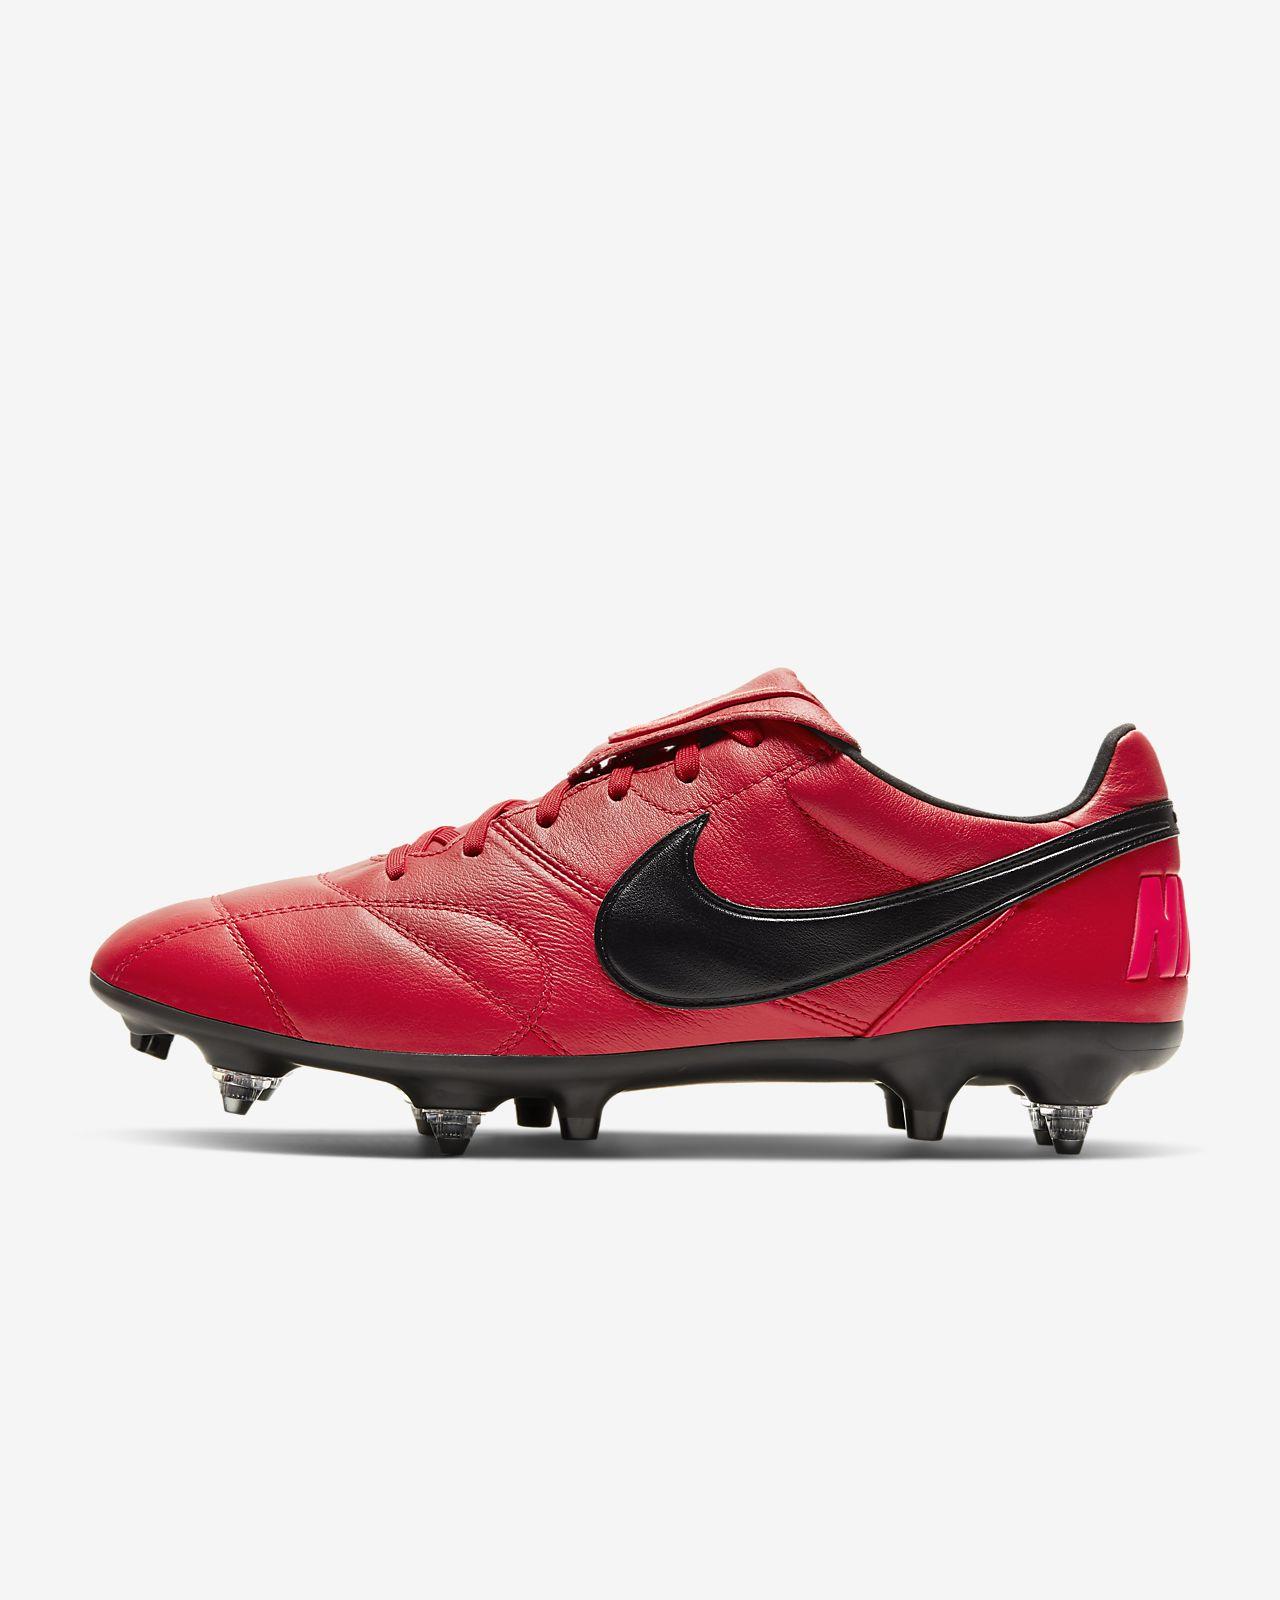 Nike Premier II Anti-Clog Traction SG-PRO lágy talajra készült stoplis futballcipő